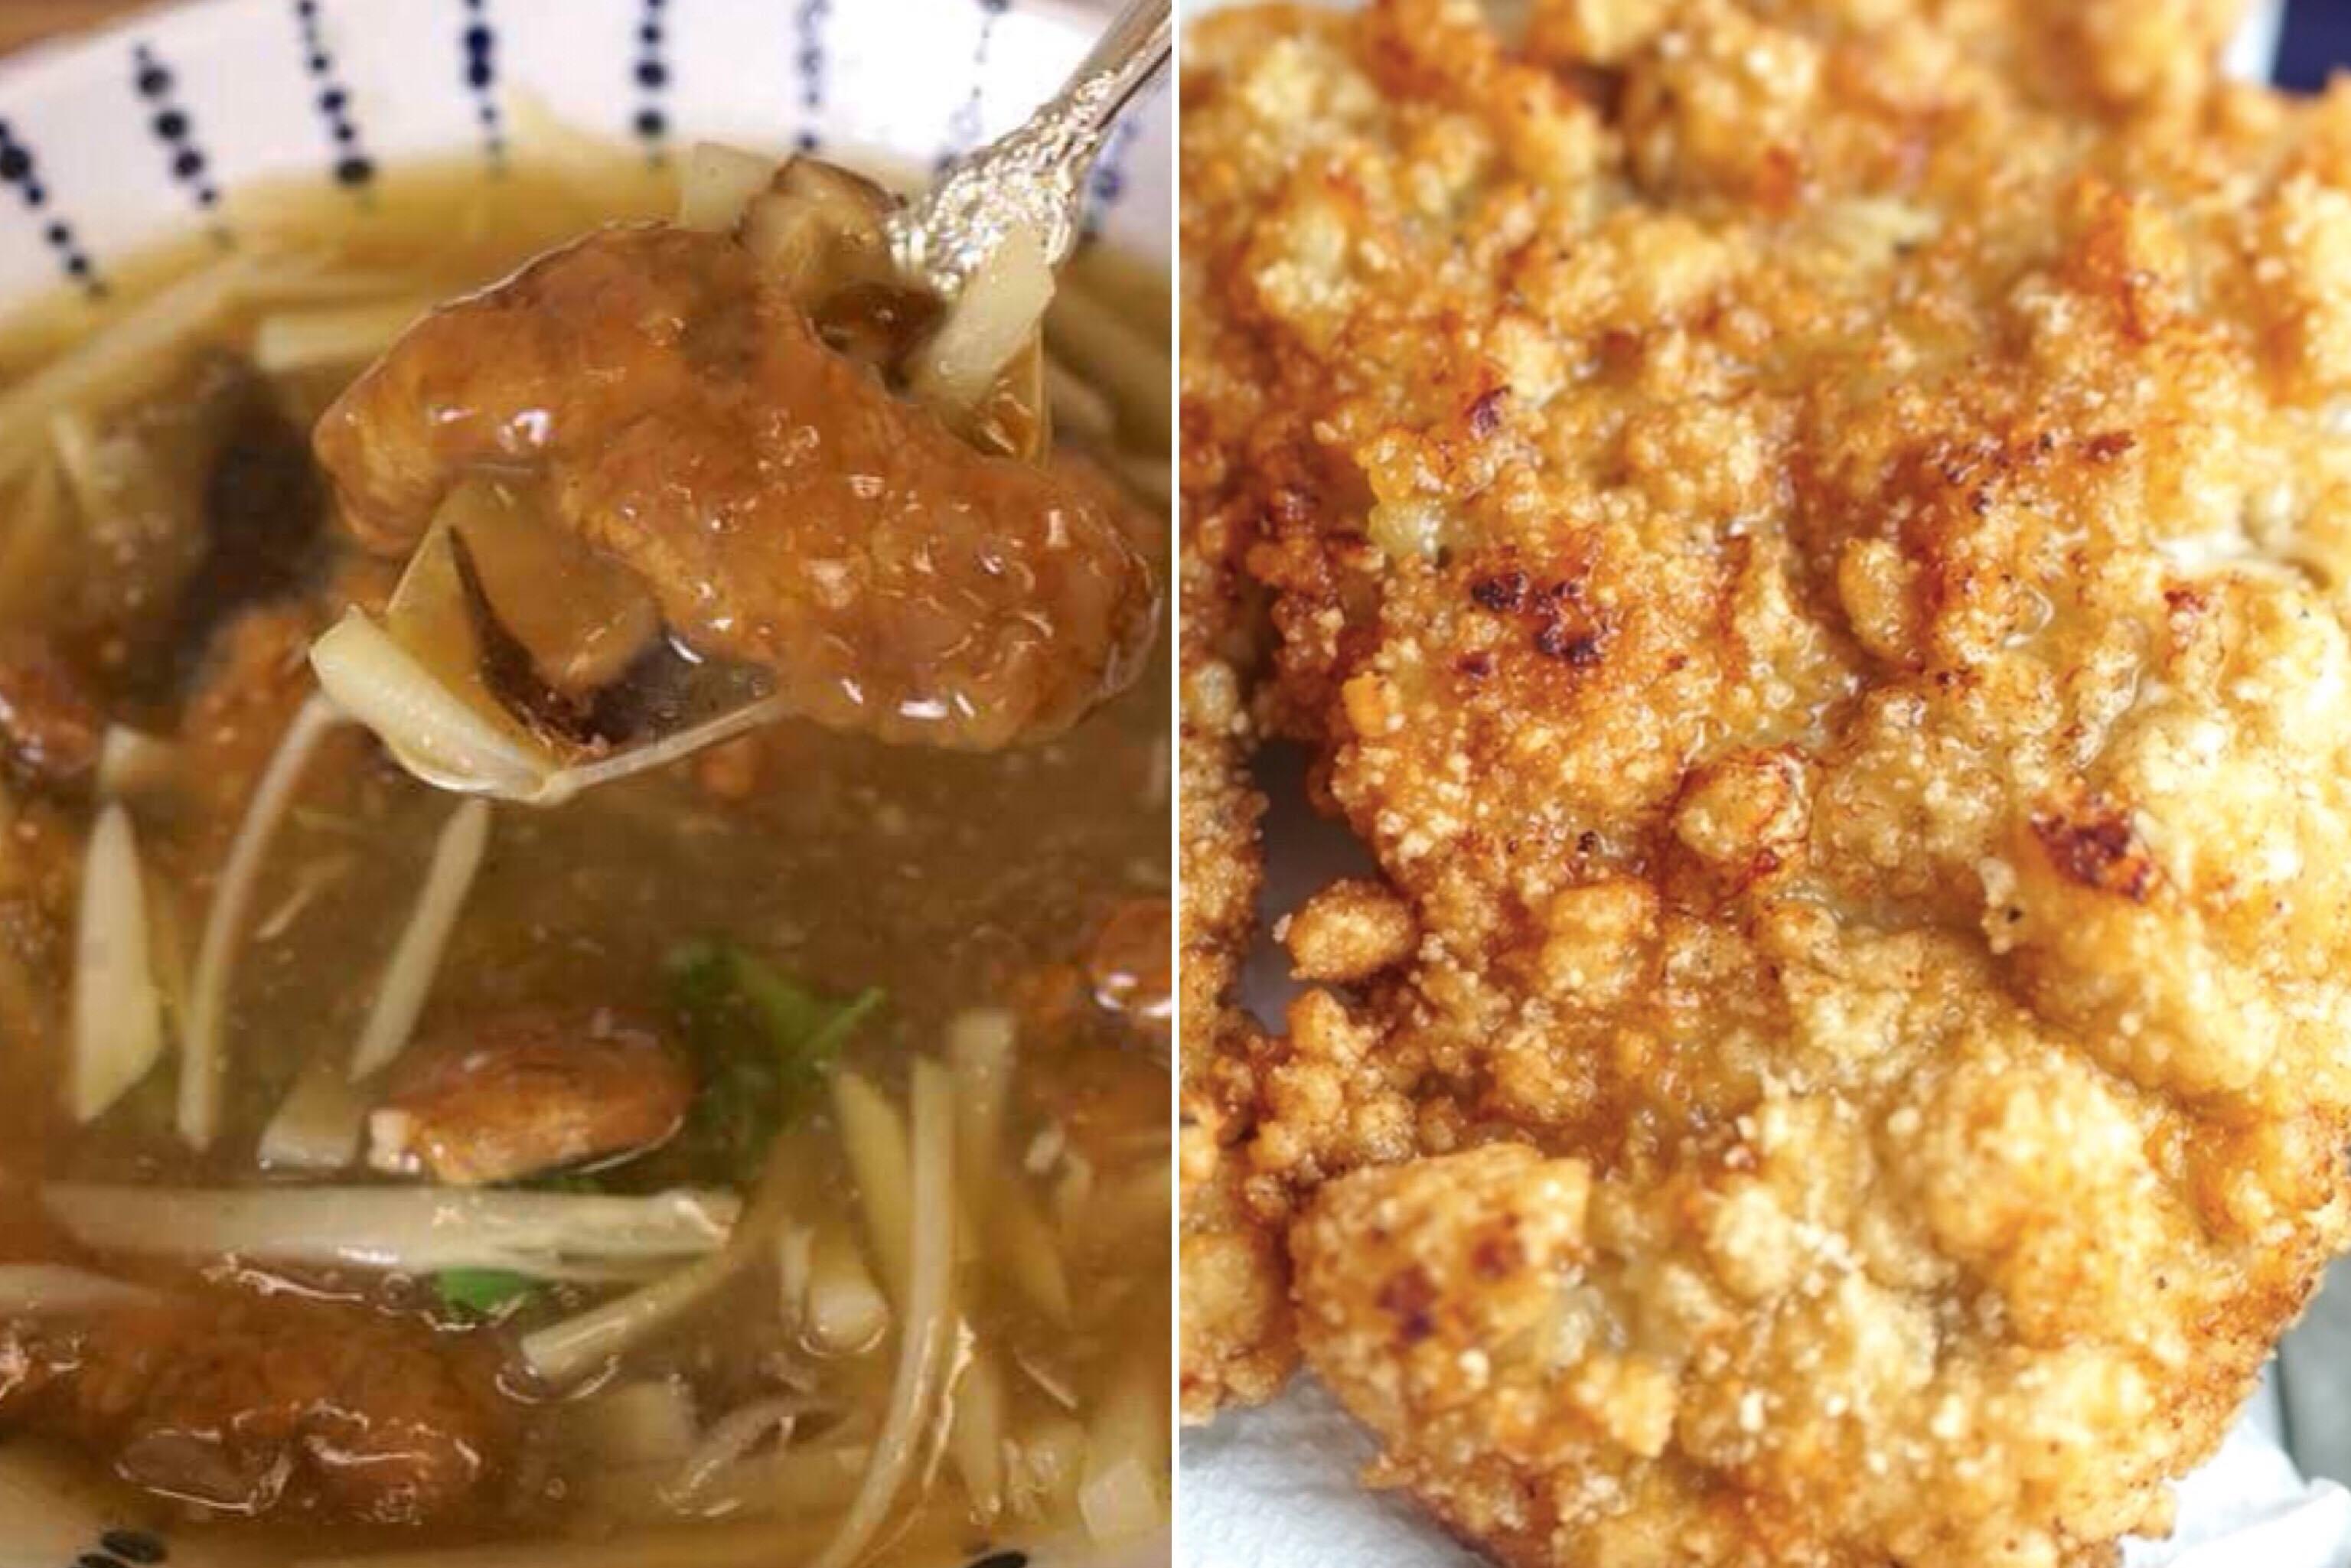 夜市超夯小吃在家自己做!這 5 道簡單小吃,讓你不用出門就可以在家享受美味!